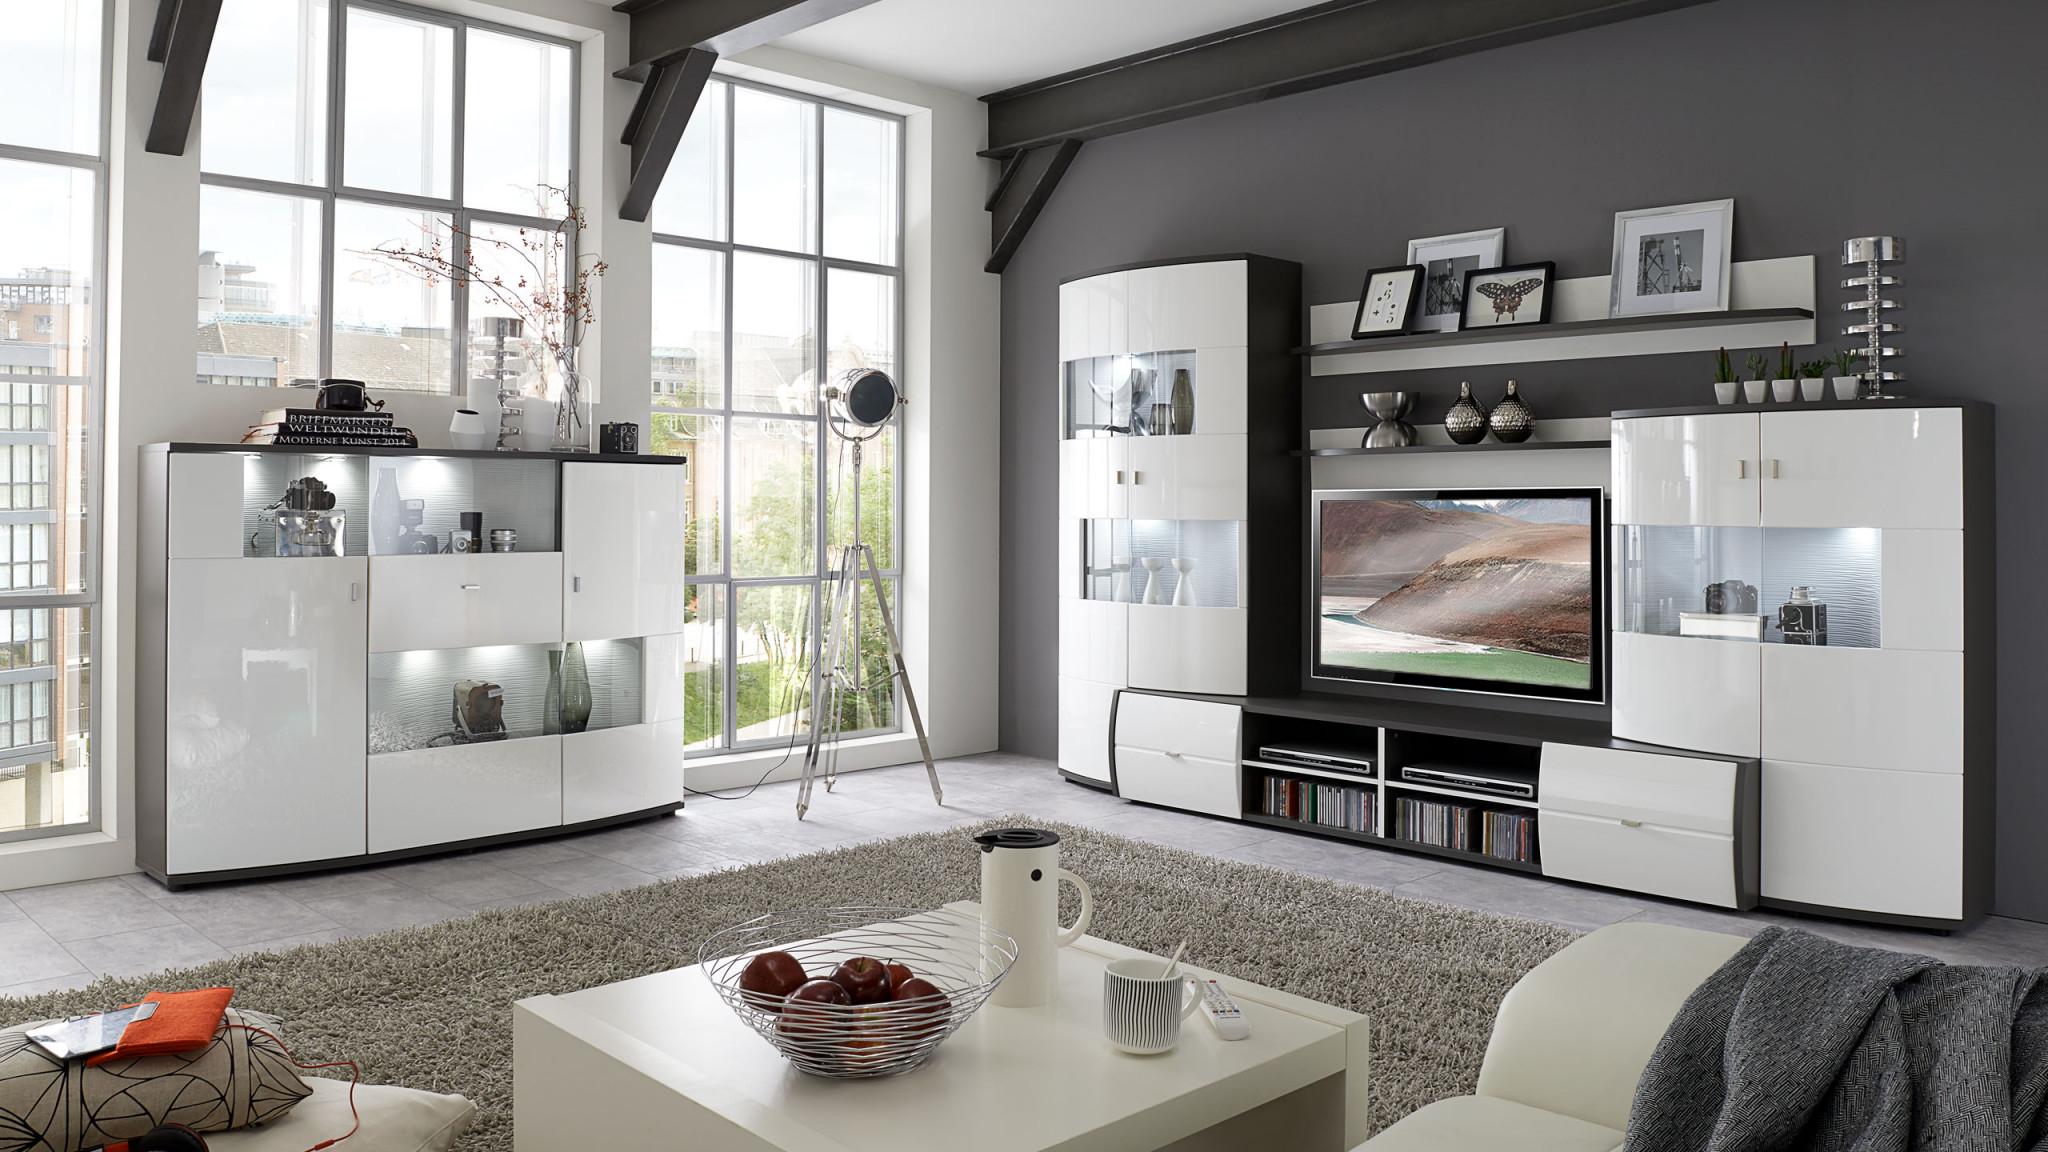 Wohnzimmer  Möbel Interliving Hugelmann  Lahr Freiburg von Moderne Möbel Für Wohnzimmer Bild